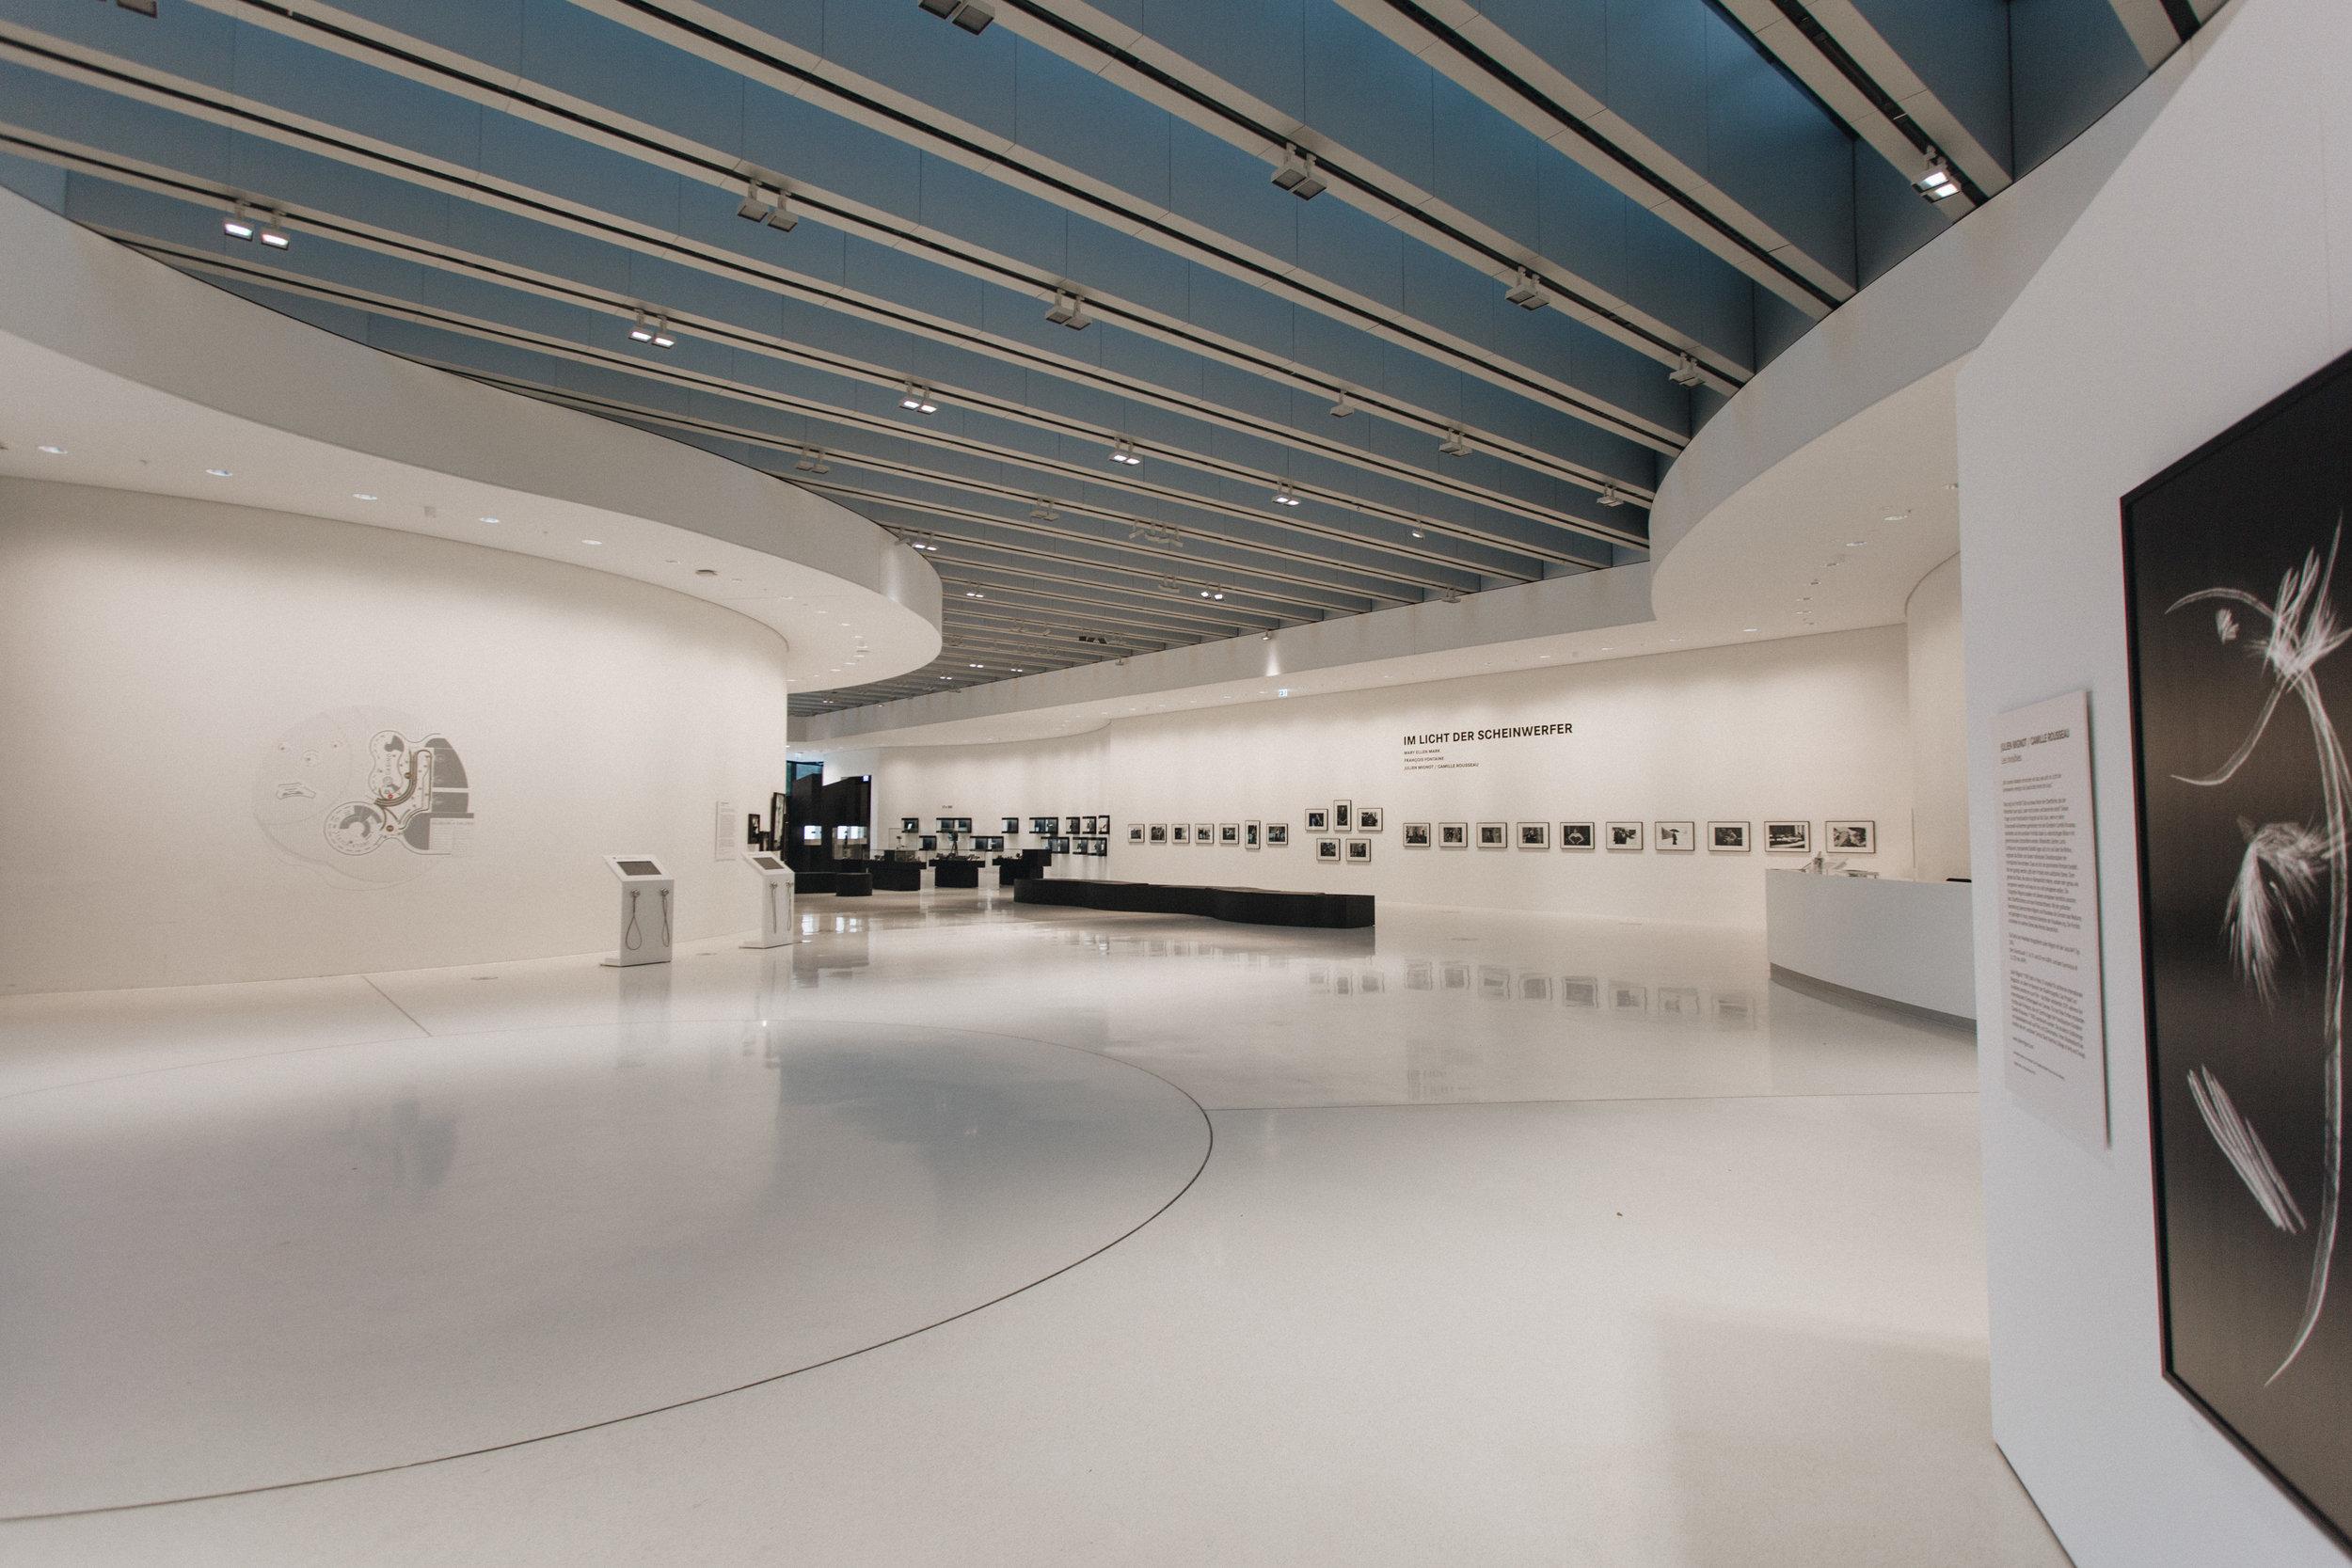 Museu_Loja_Leica 2016-17.jpg